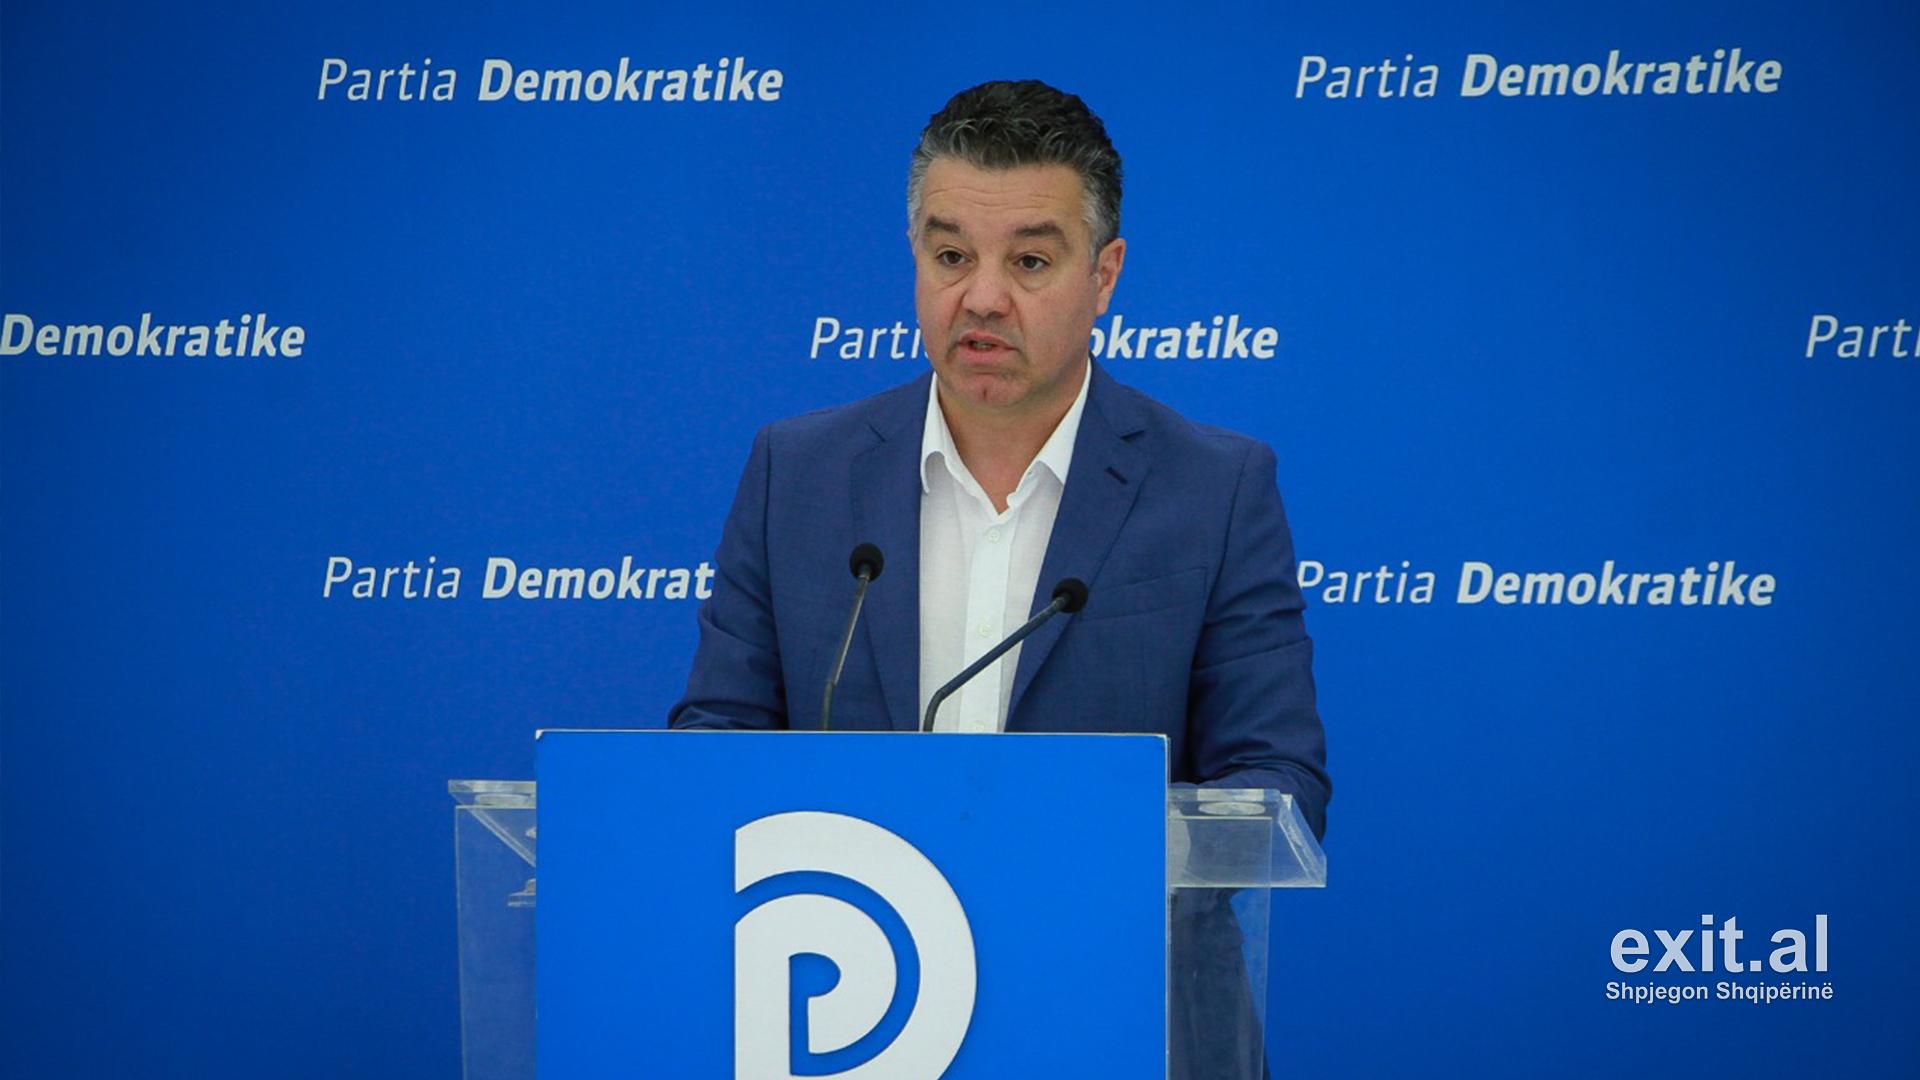 PD akuzon Veliajn për mashtrim: Qytetarët e Tiranës paguajnë më shumë për ujin, furnizohen më pak